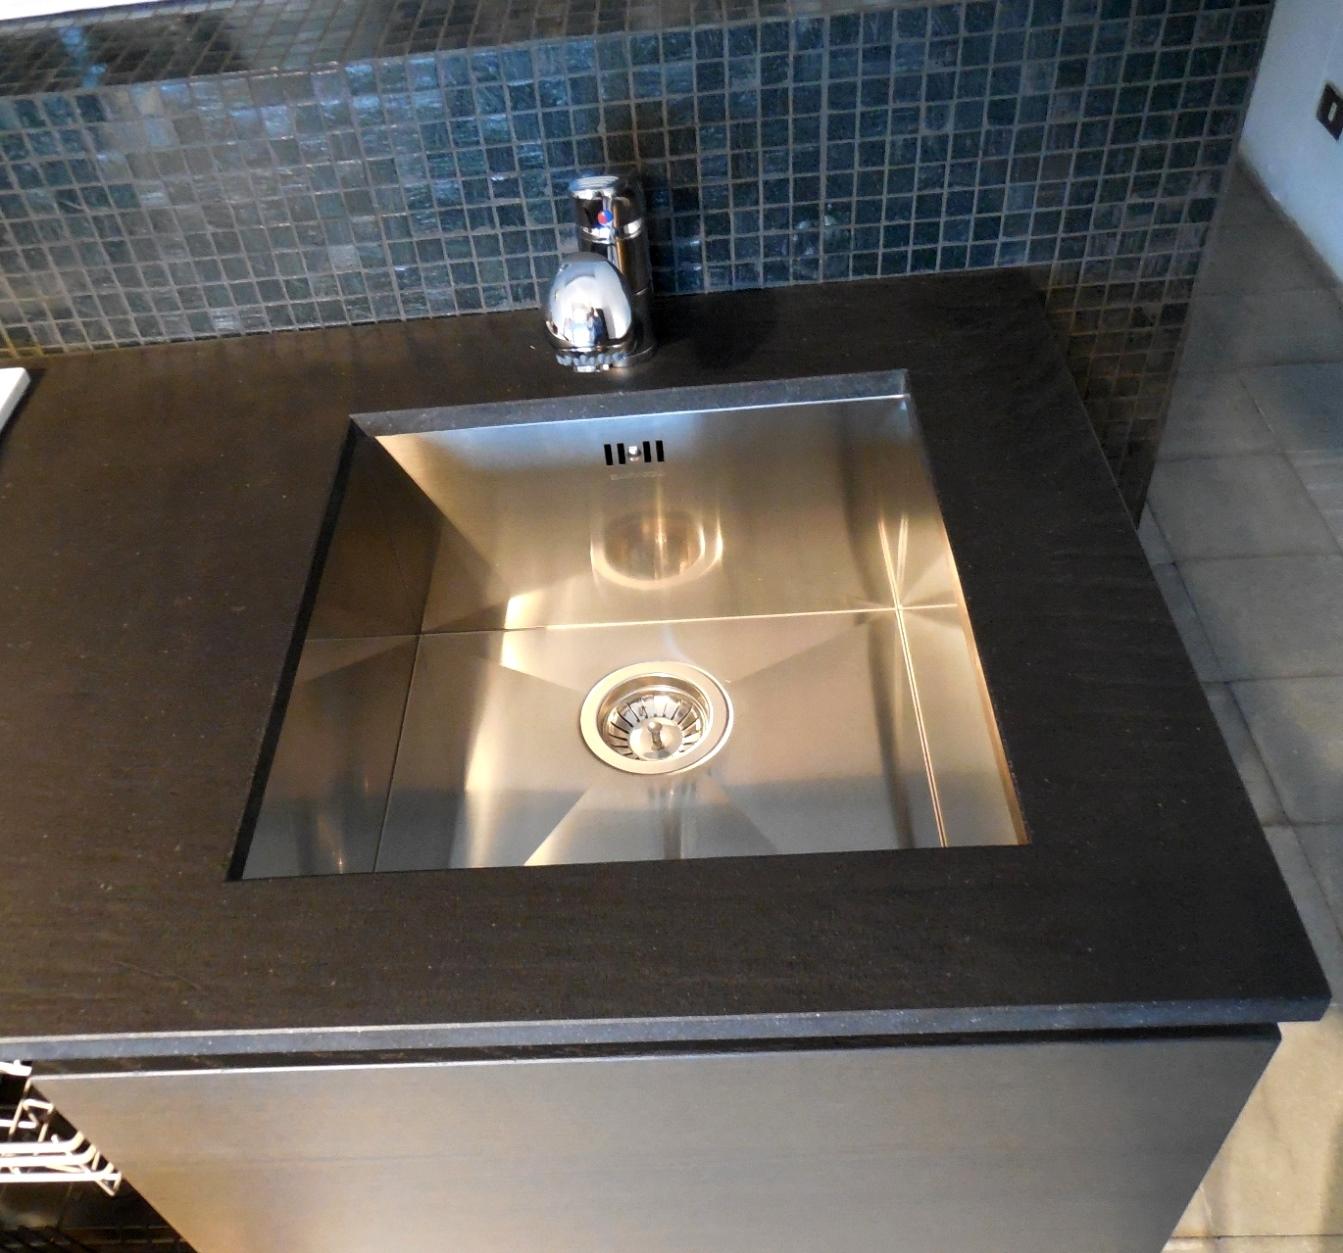 Cucina modulnova cucina modulnova neff outlet sconto 54 design cucine a prezzi scontati - Cucina 1000 euro ...